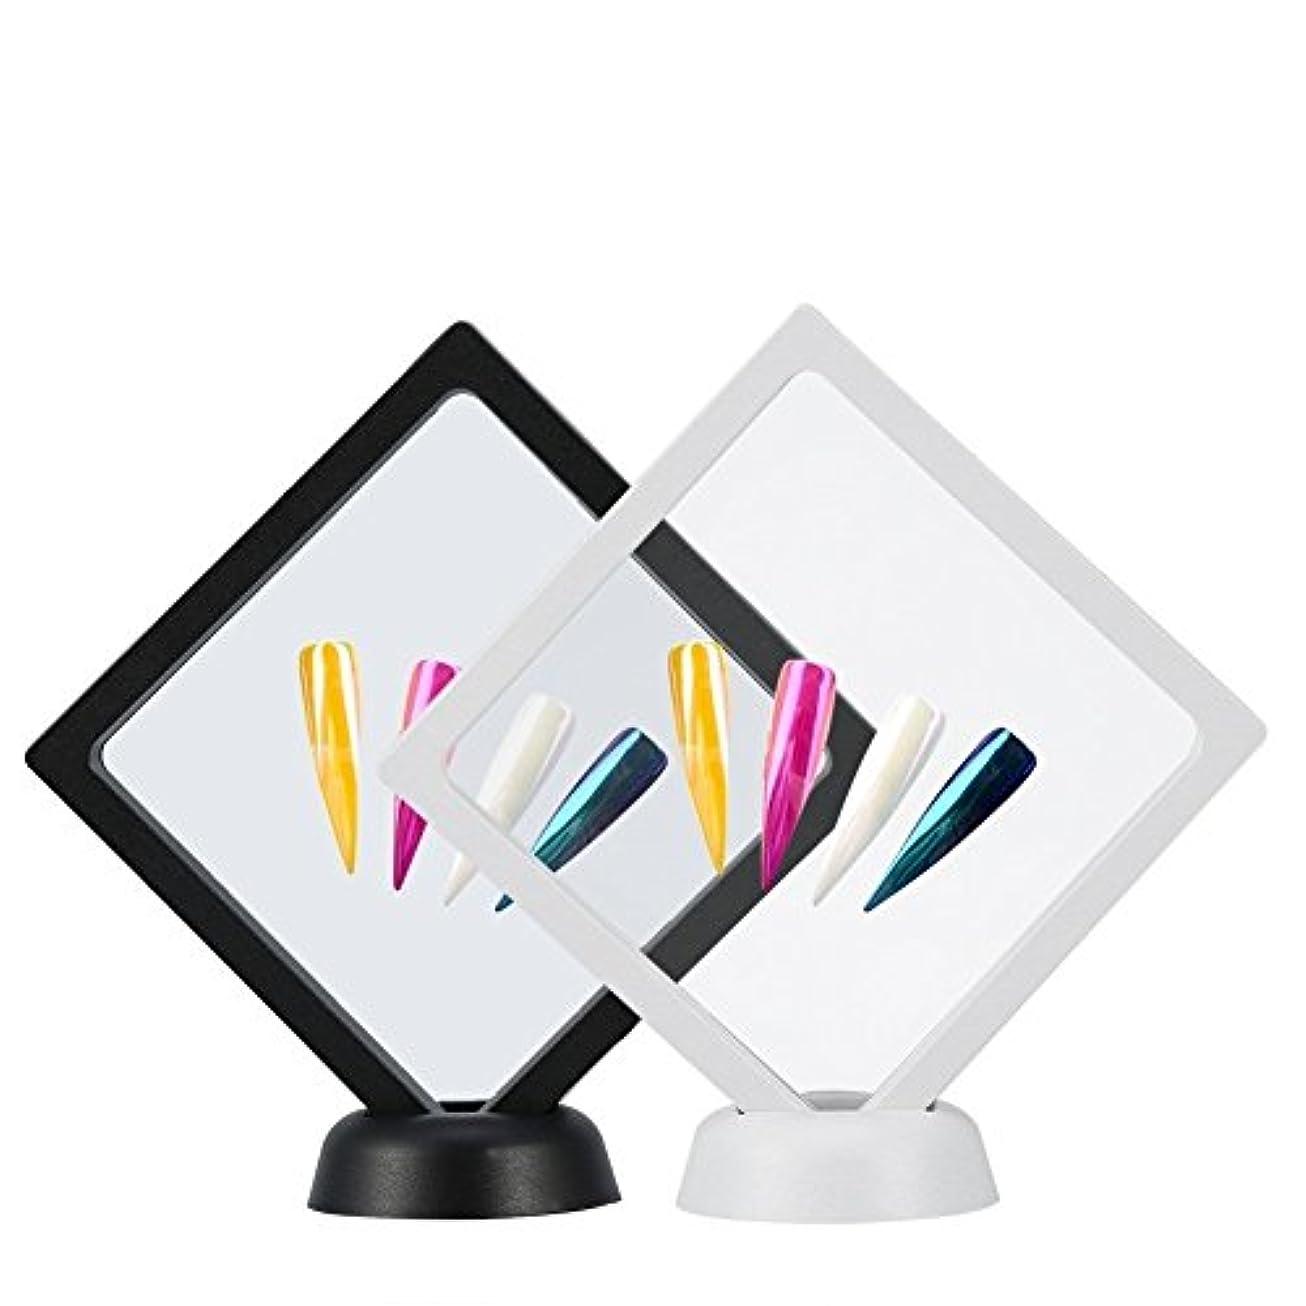 煙突航空会社びっくりYosoo 2個入り ネイルチップ ディスプレイ スタンド マニキュア ネイルサンプル ホルダー ネイルカラーチャート ネイルテンプレート ネイルケア ネイルアートツール 組立て式 白+黒 展示用 自宅 サロン